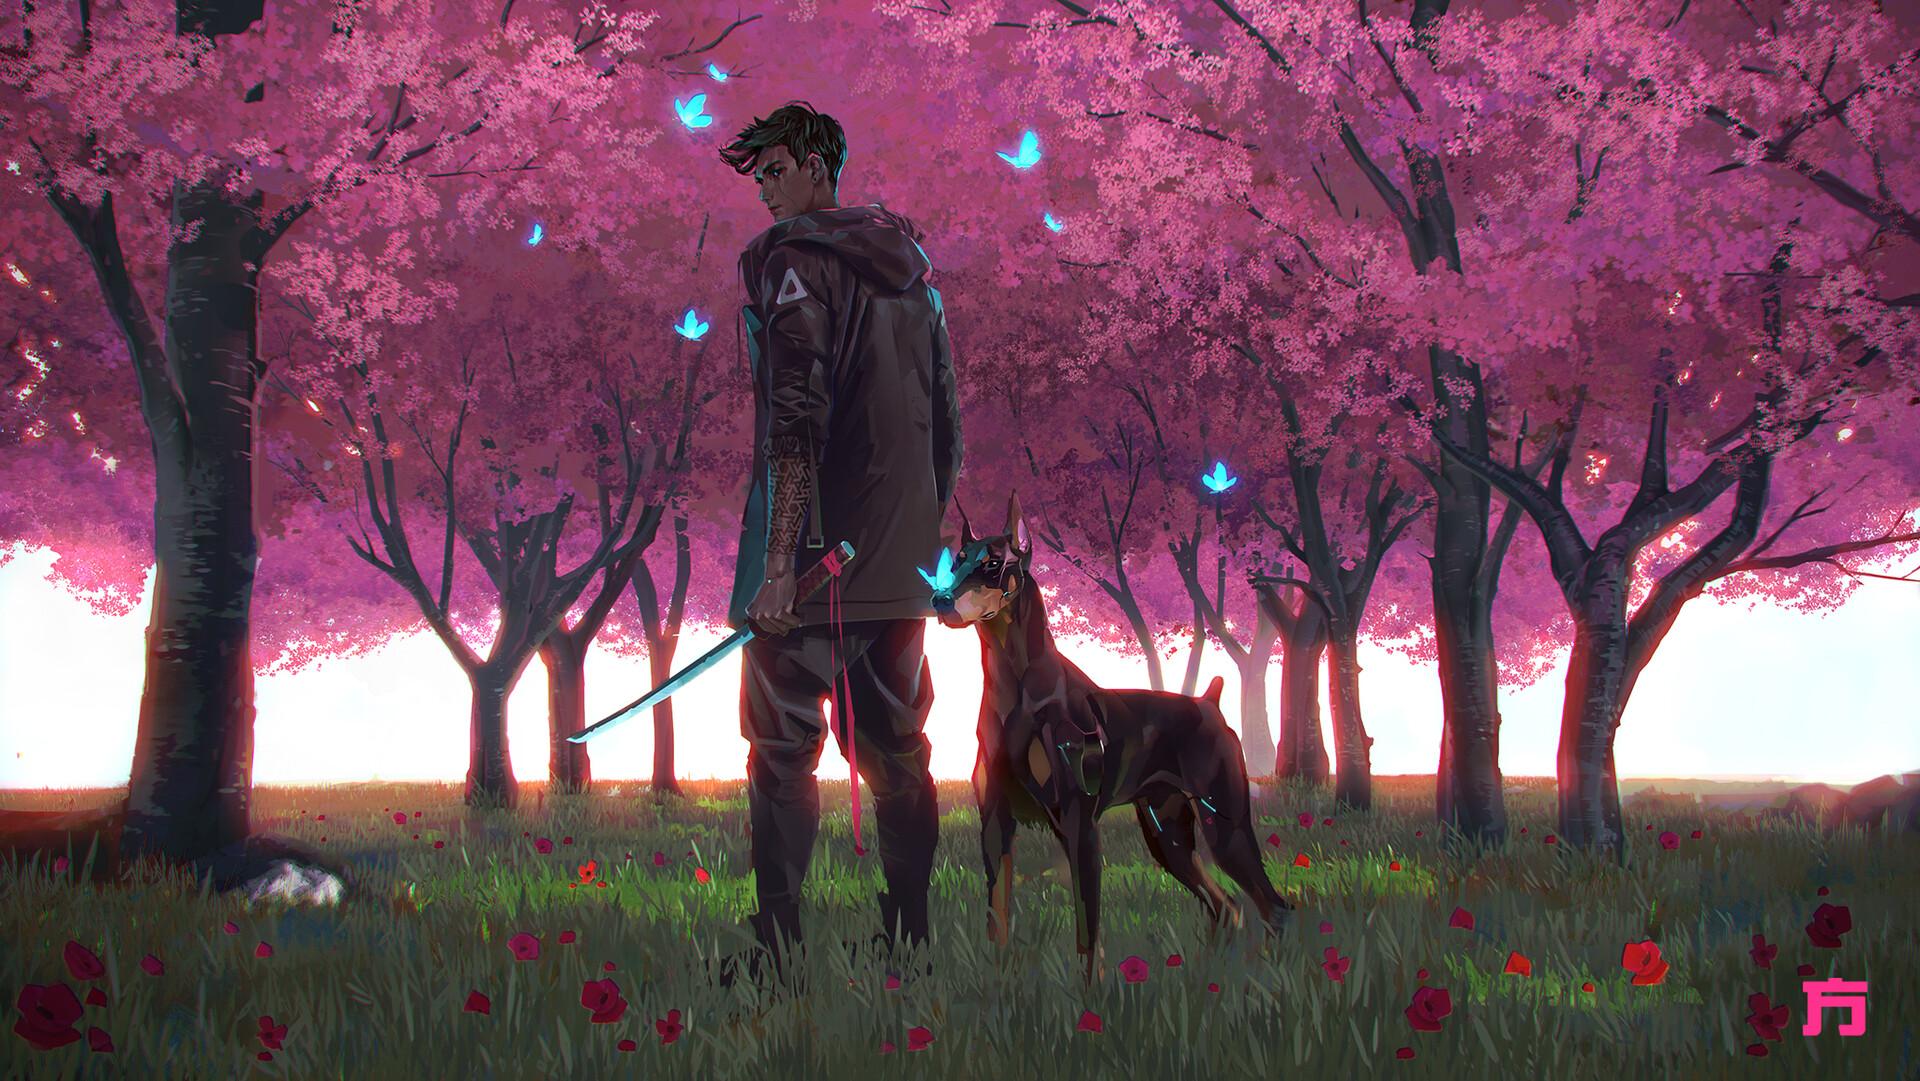 Chin Fong Digital Art Dog Doberman Pinscher Cherry Trees Cherry Blossom Sword Tattoo 1920x1081